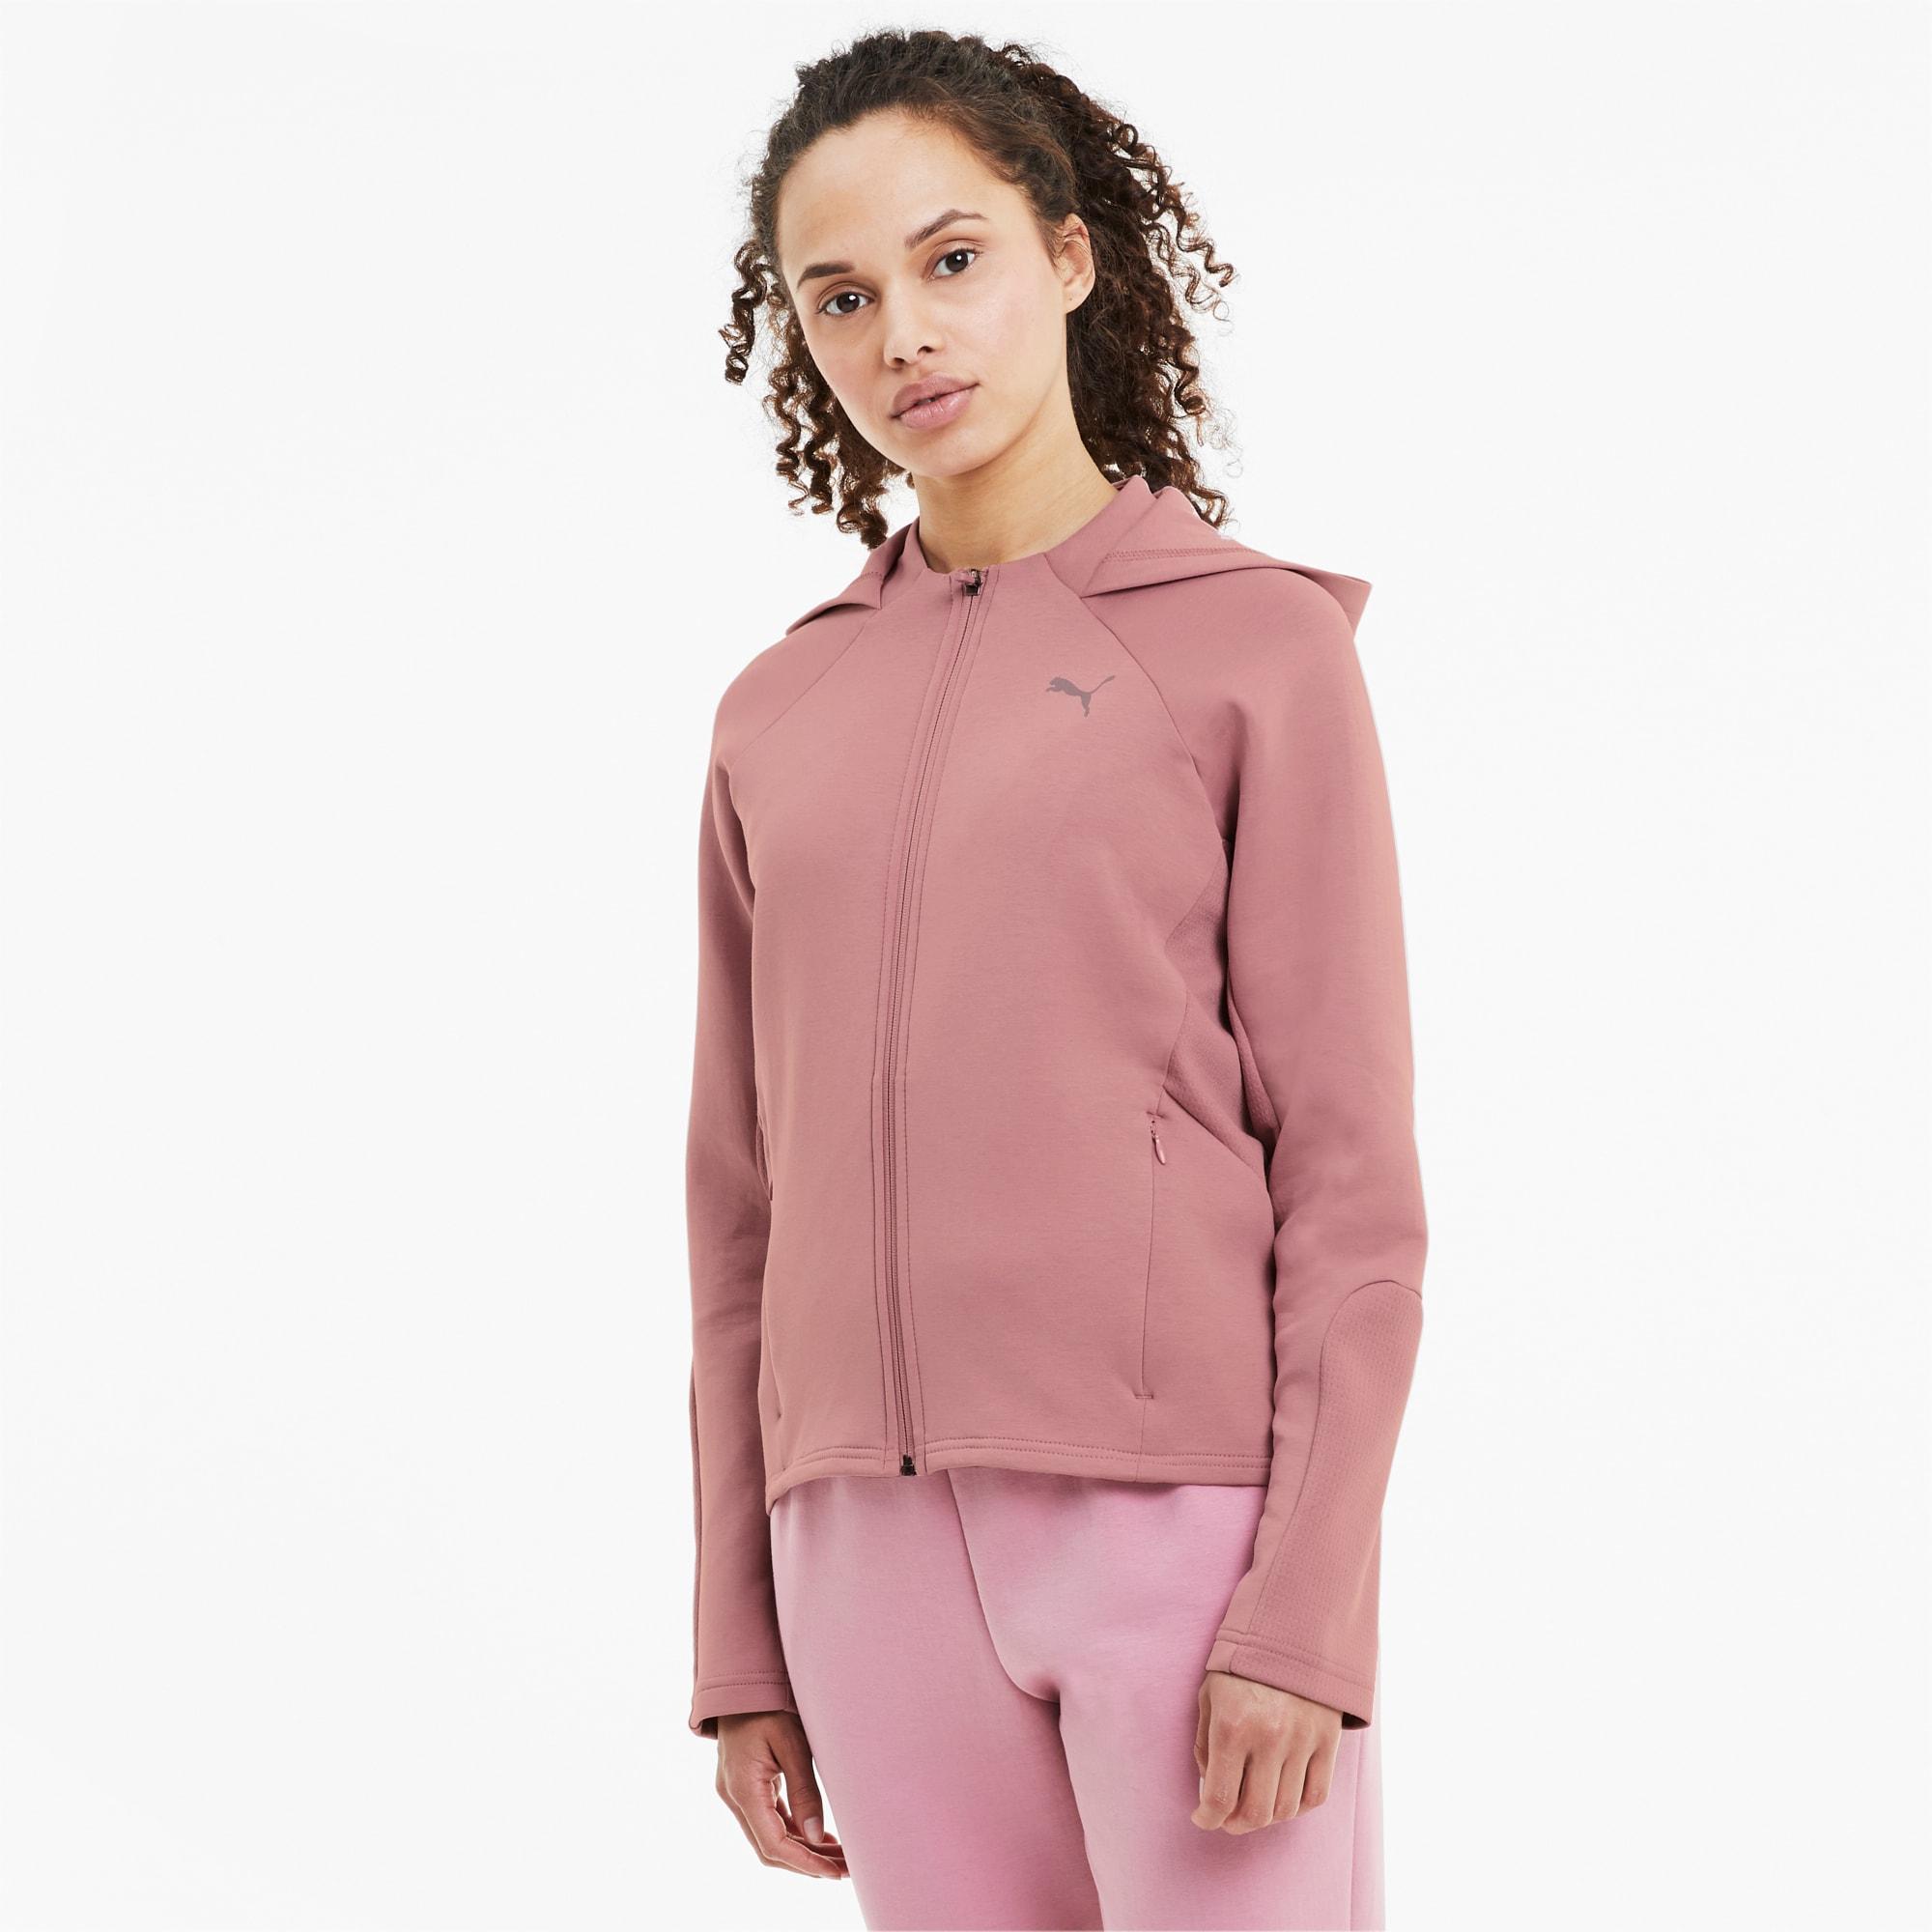 puma Evostripe hoodie met rits voor DamesXS